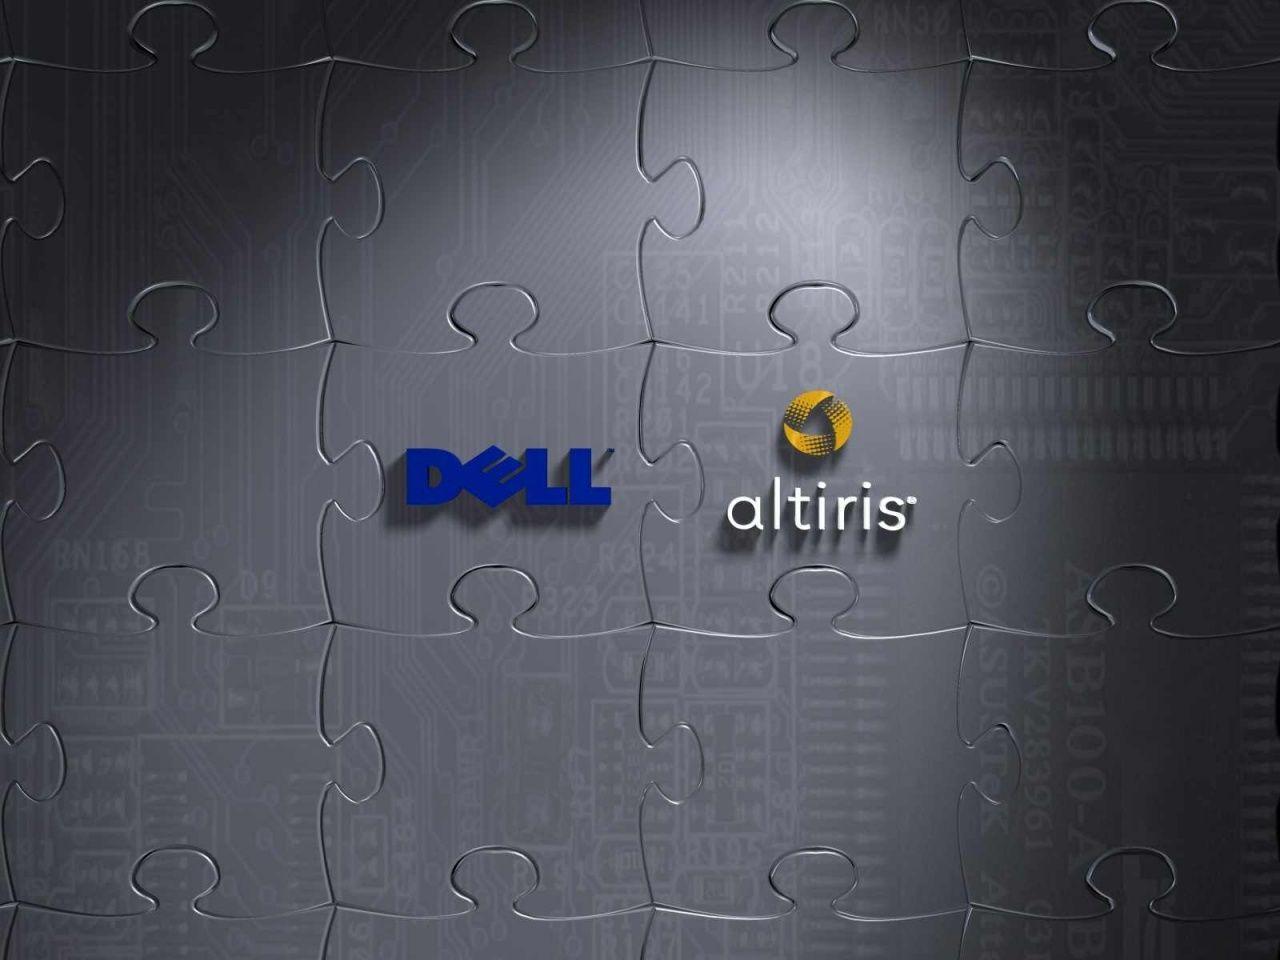 Dell Wallpaper 1280x1024 Hd